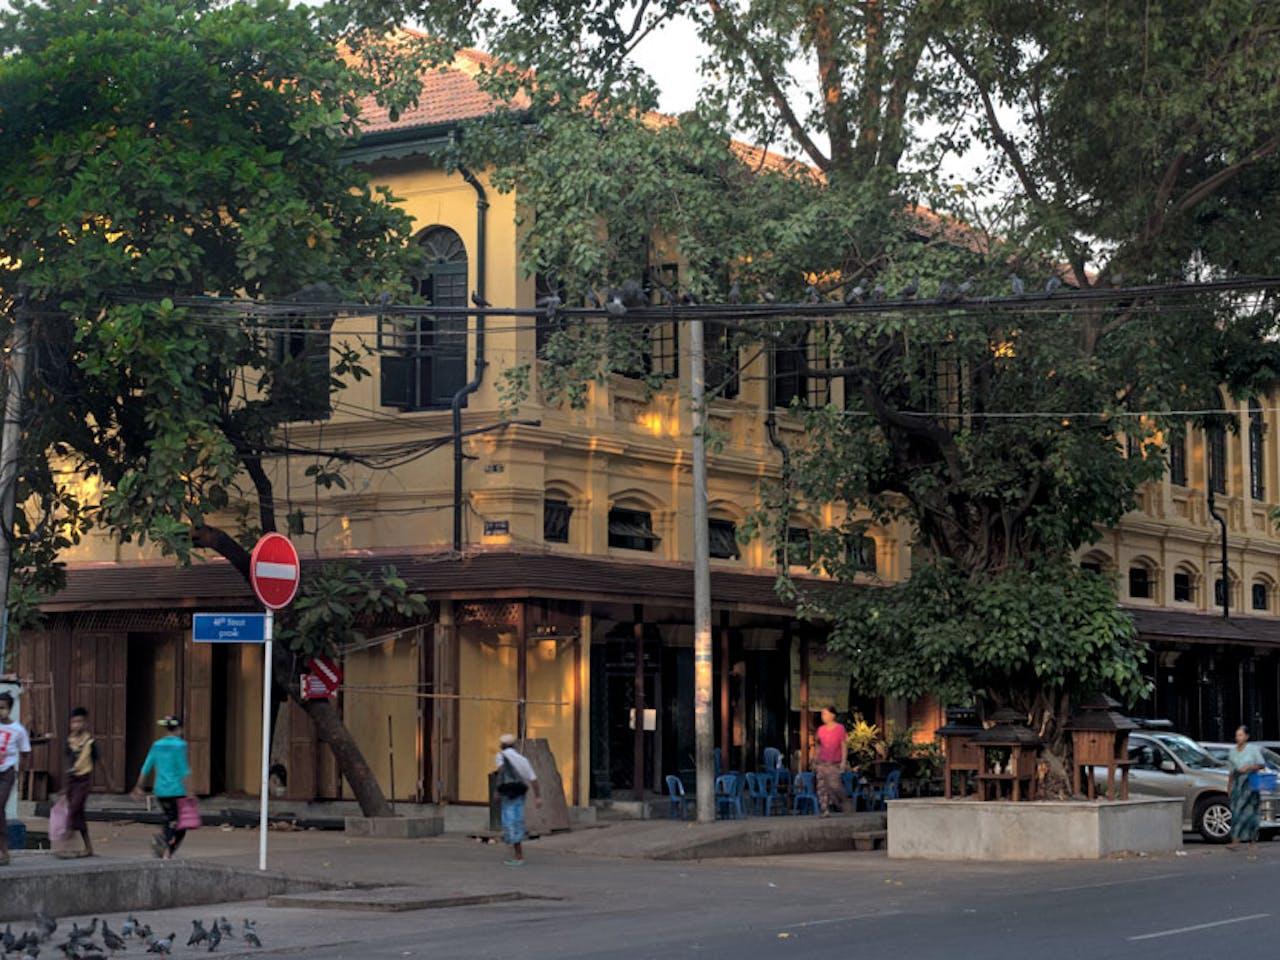 Turquoise Mountain Myanmar Urban Regeneration Featured Projects Merchant Street TJ Webster Yangon 29181